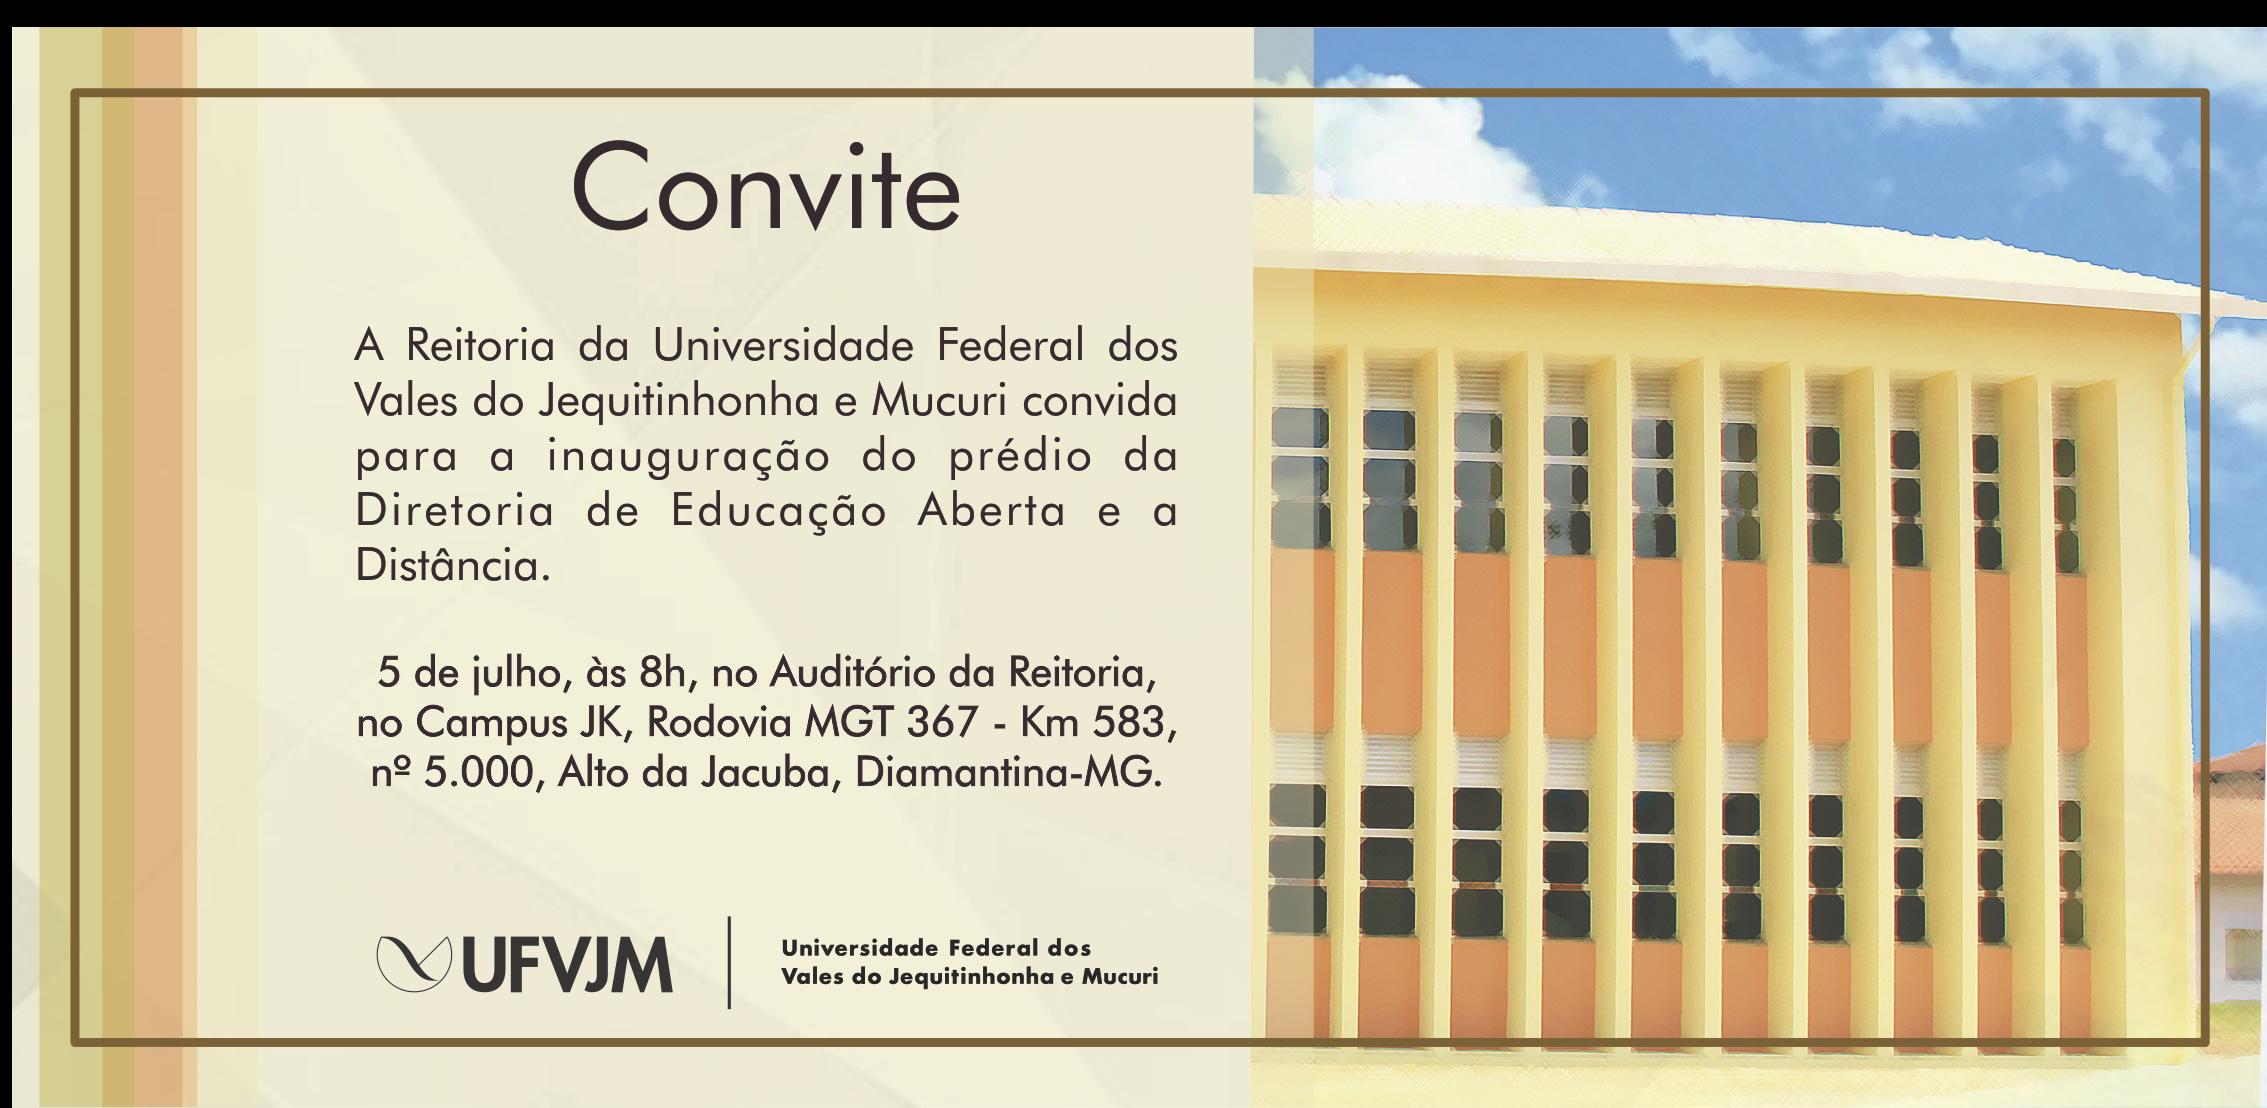 Convite Inauguração Prédio DEAD